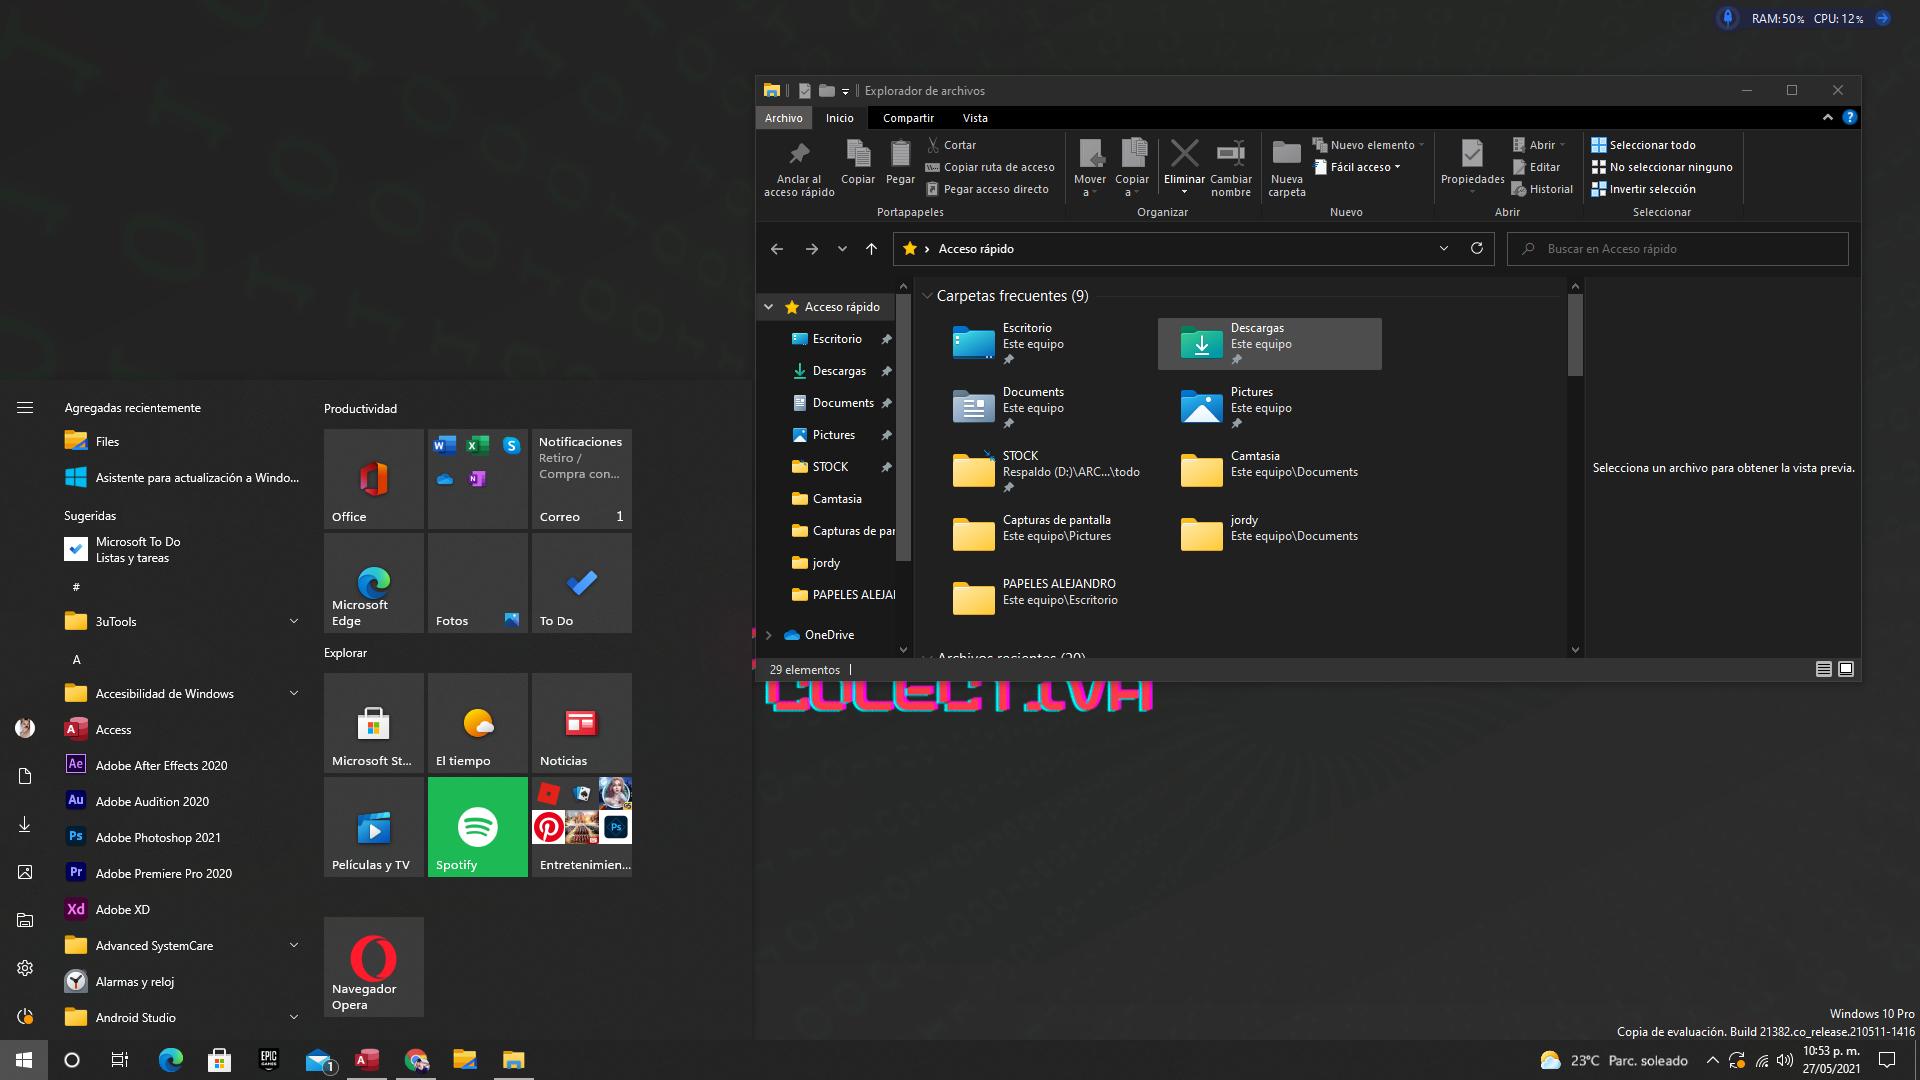 nuevos iconos para windows 10